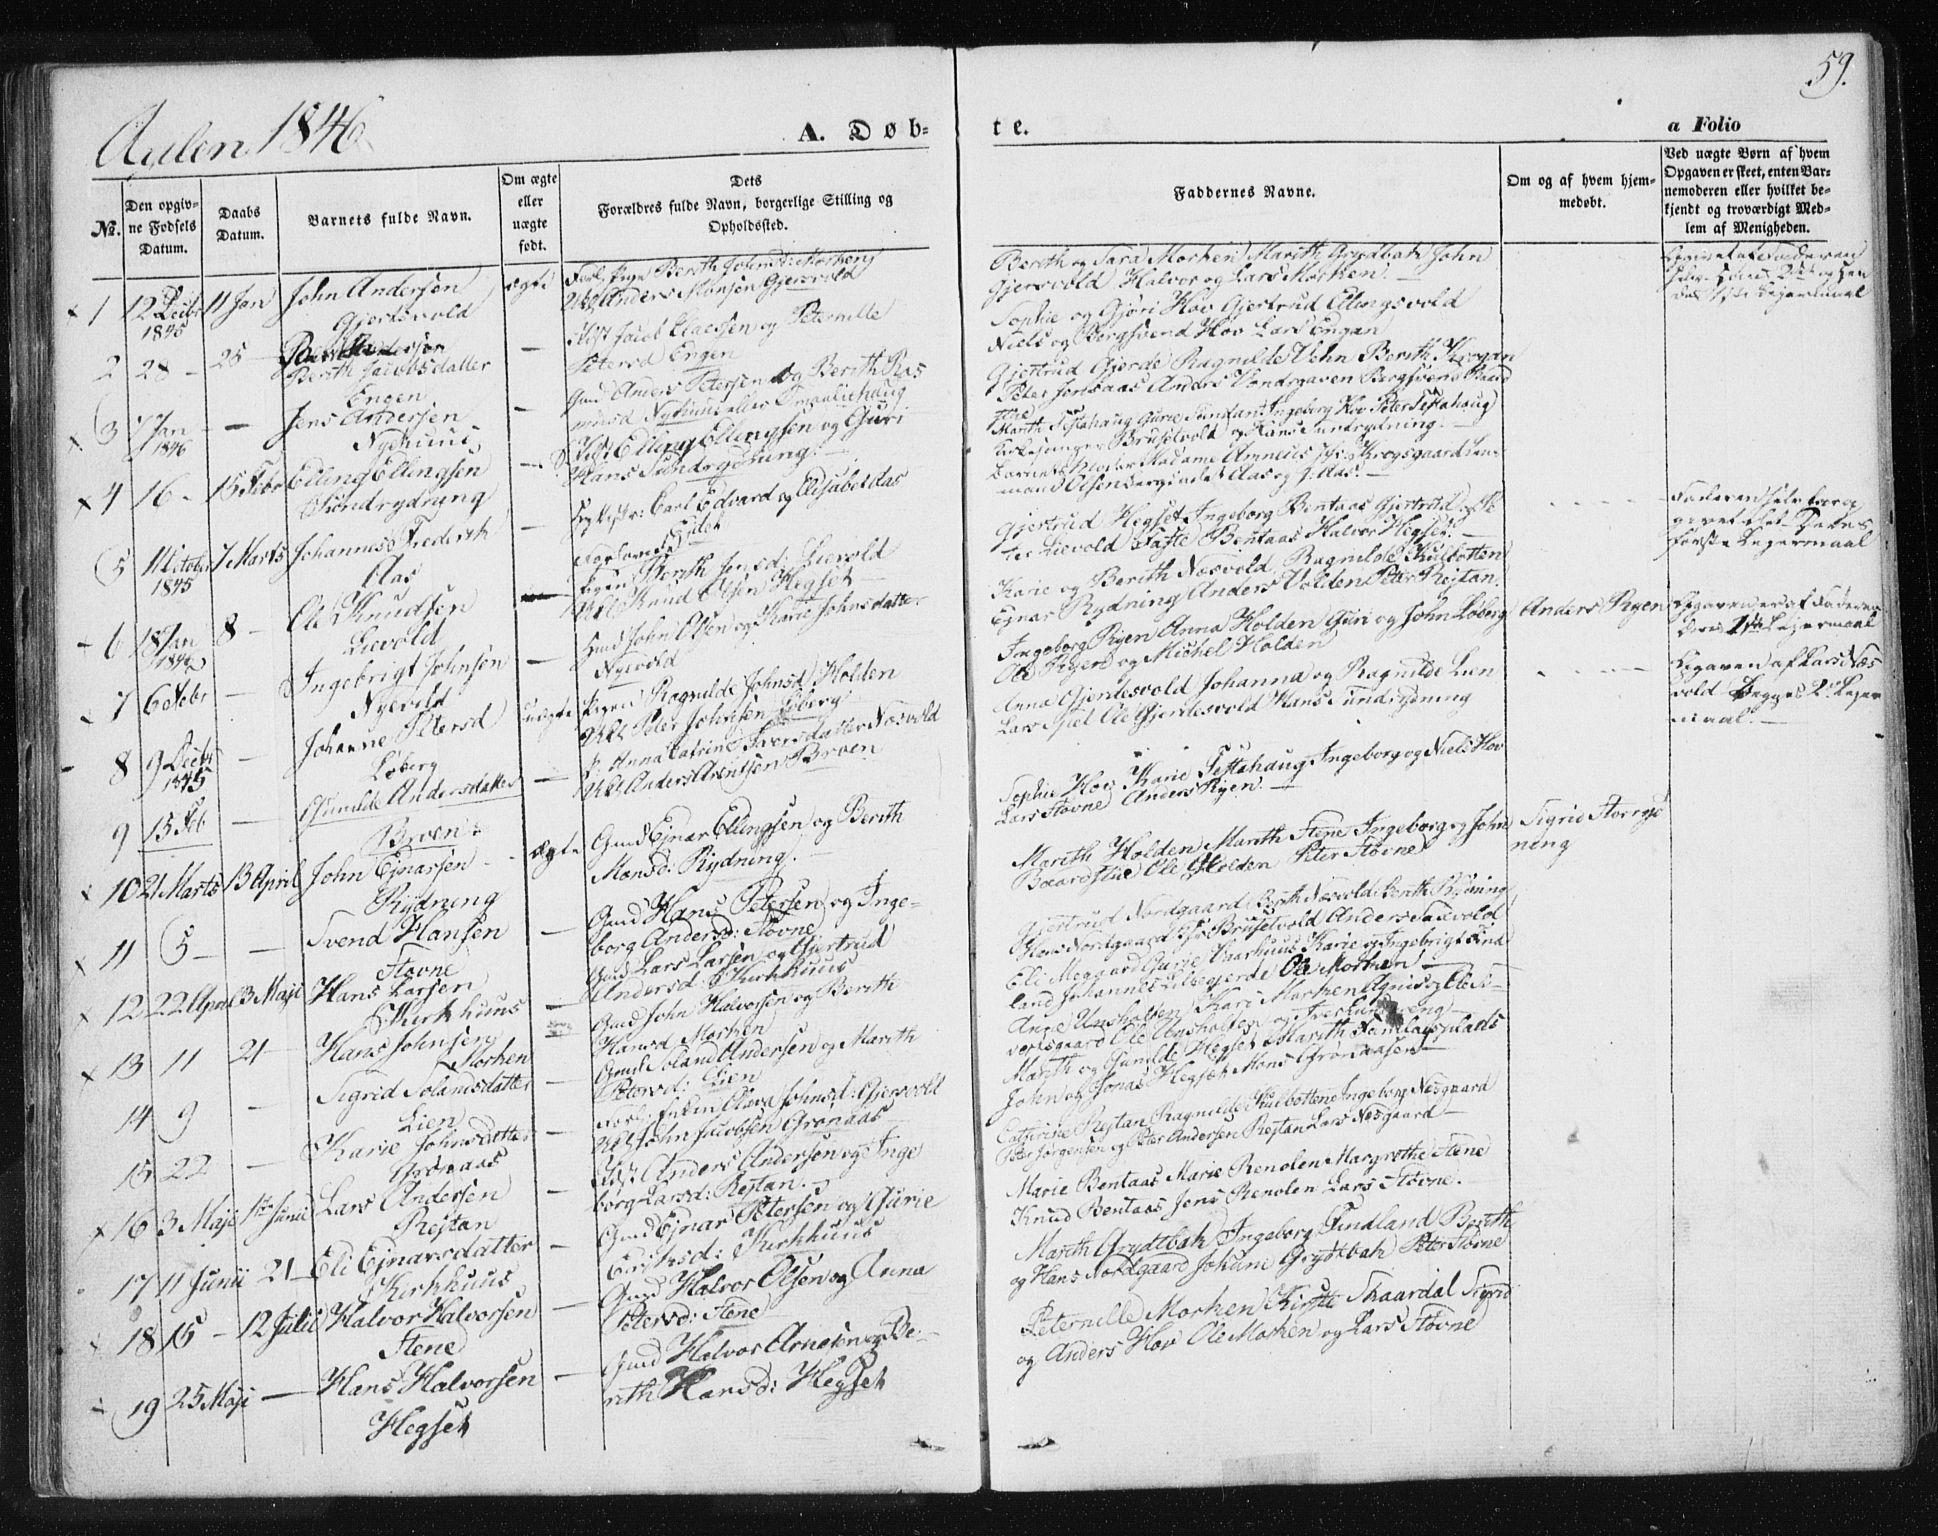 SAT, Ministerialprotokoller, klokkerbøker og fødselsregistre - Sør-Trøndelag, 685/L0965: Ministerialbok nr. 685A06 /3, 1846-1859, s. 59